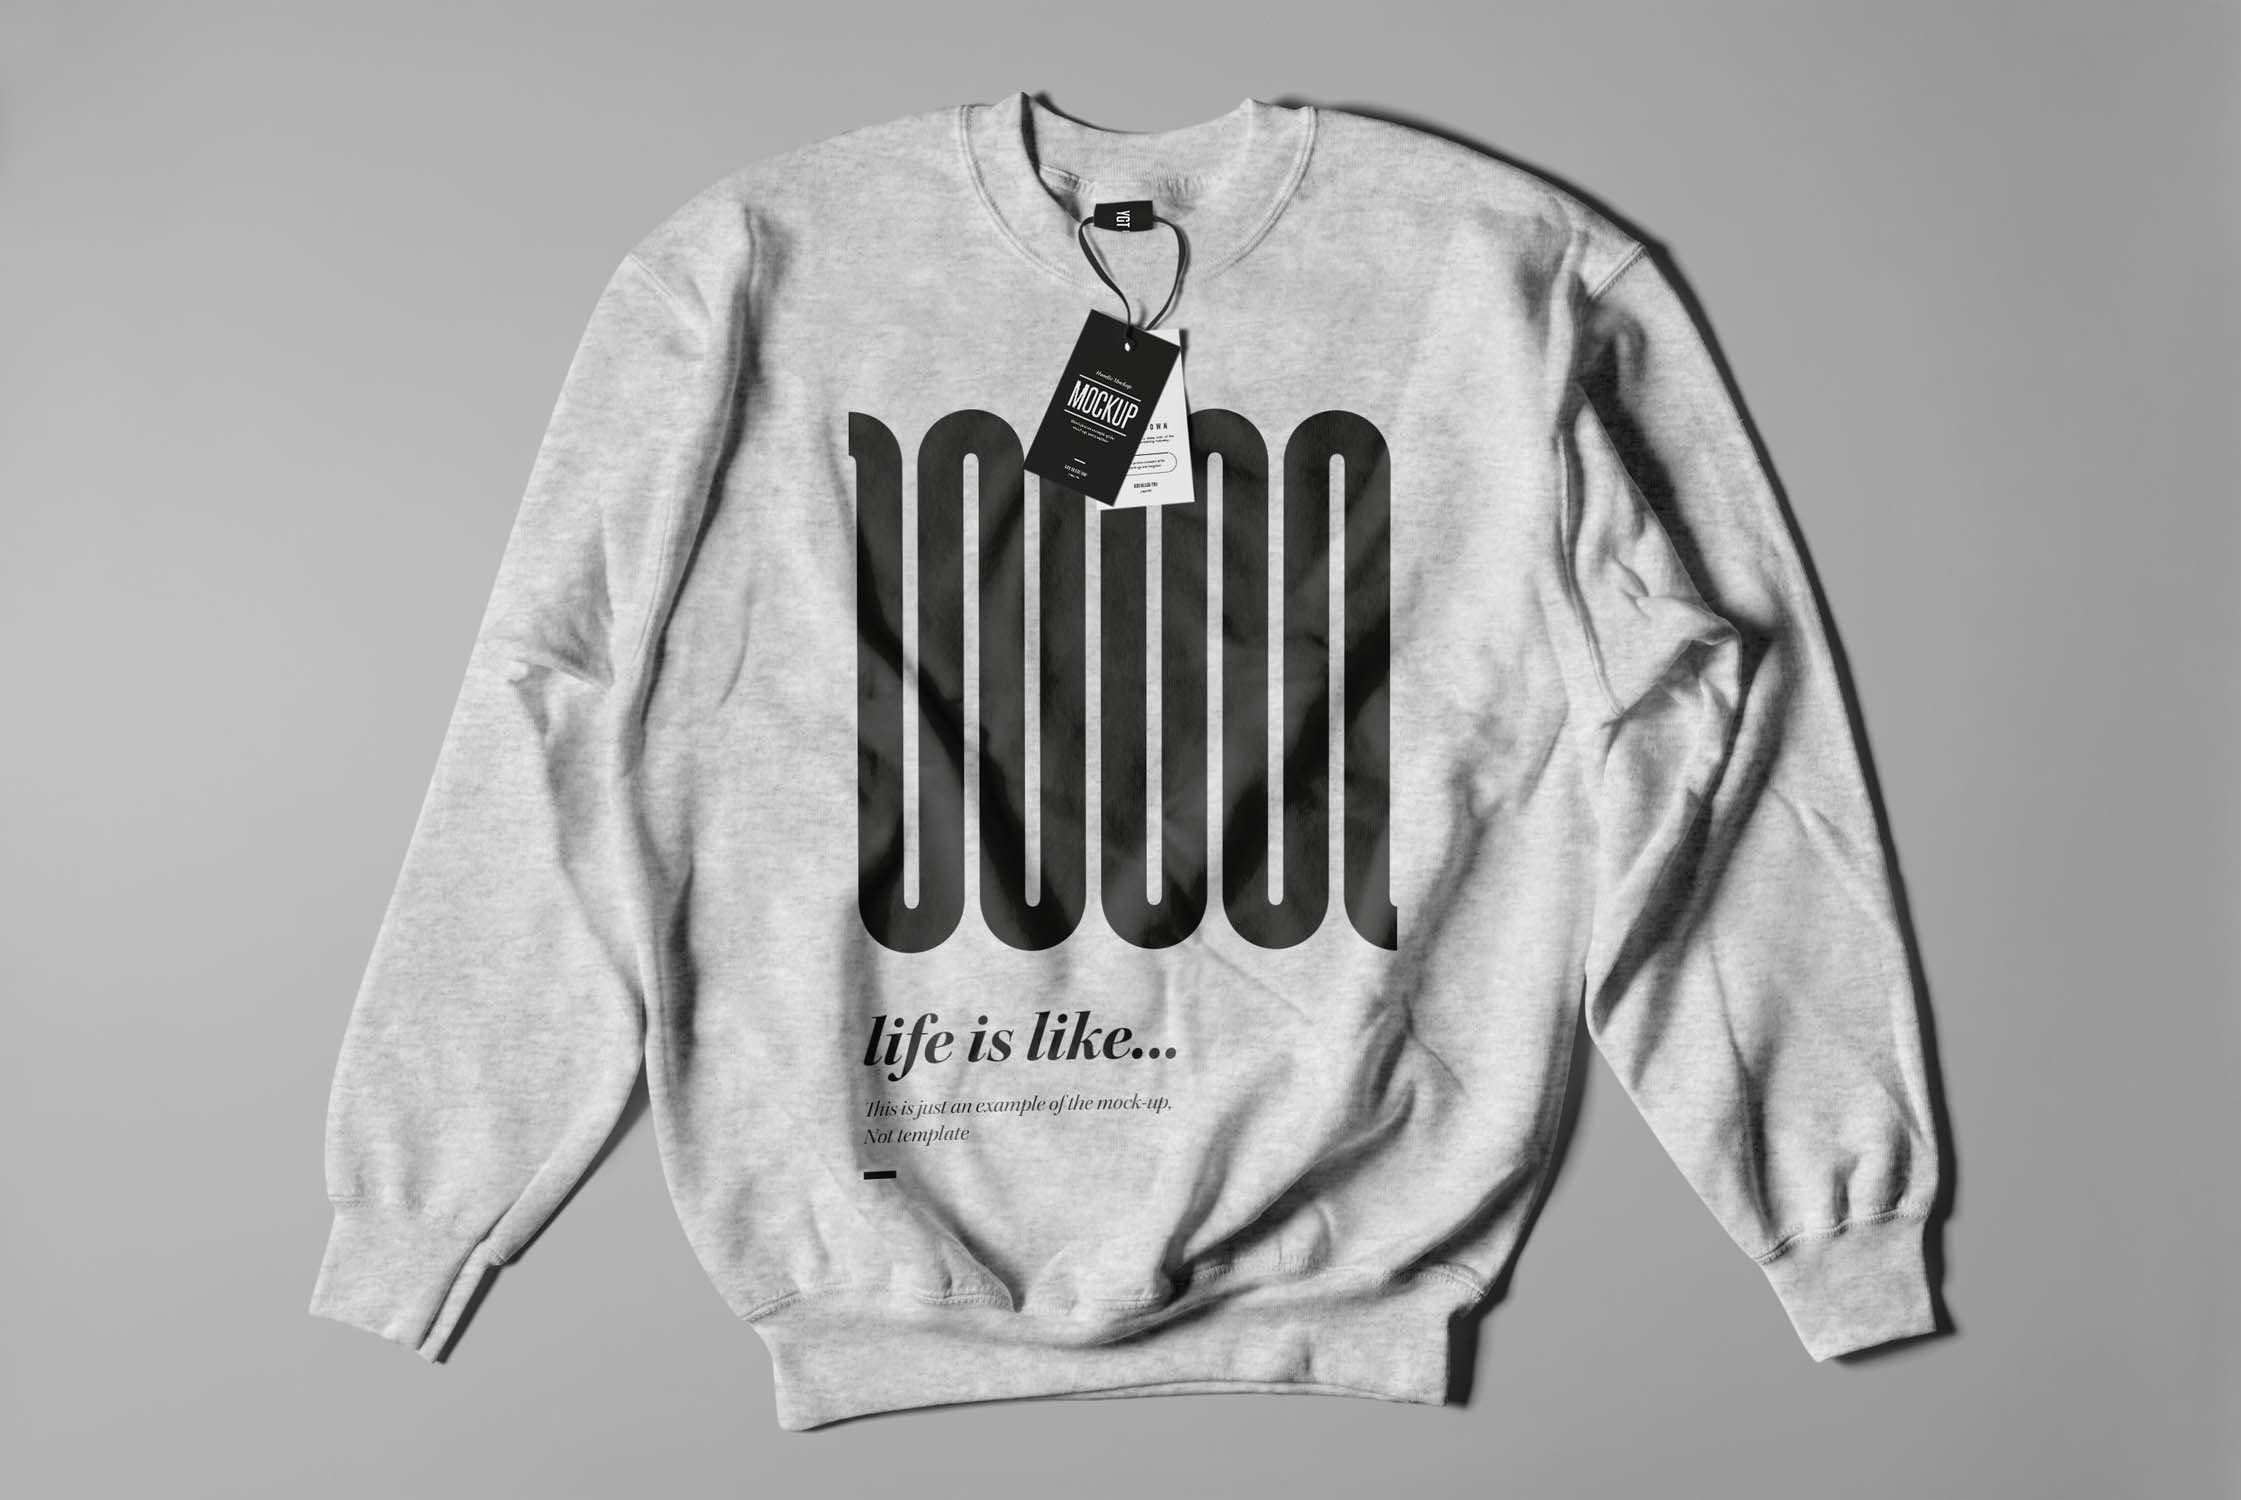 6款圆领毛衣印花设计展示样机模板 Crewneck Sweater Mockup插图(1)